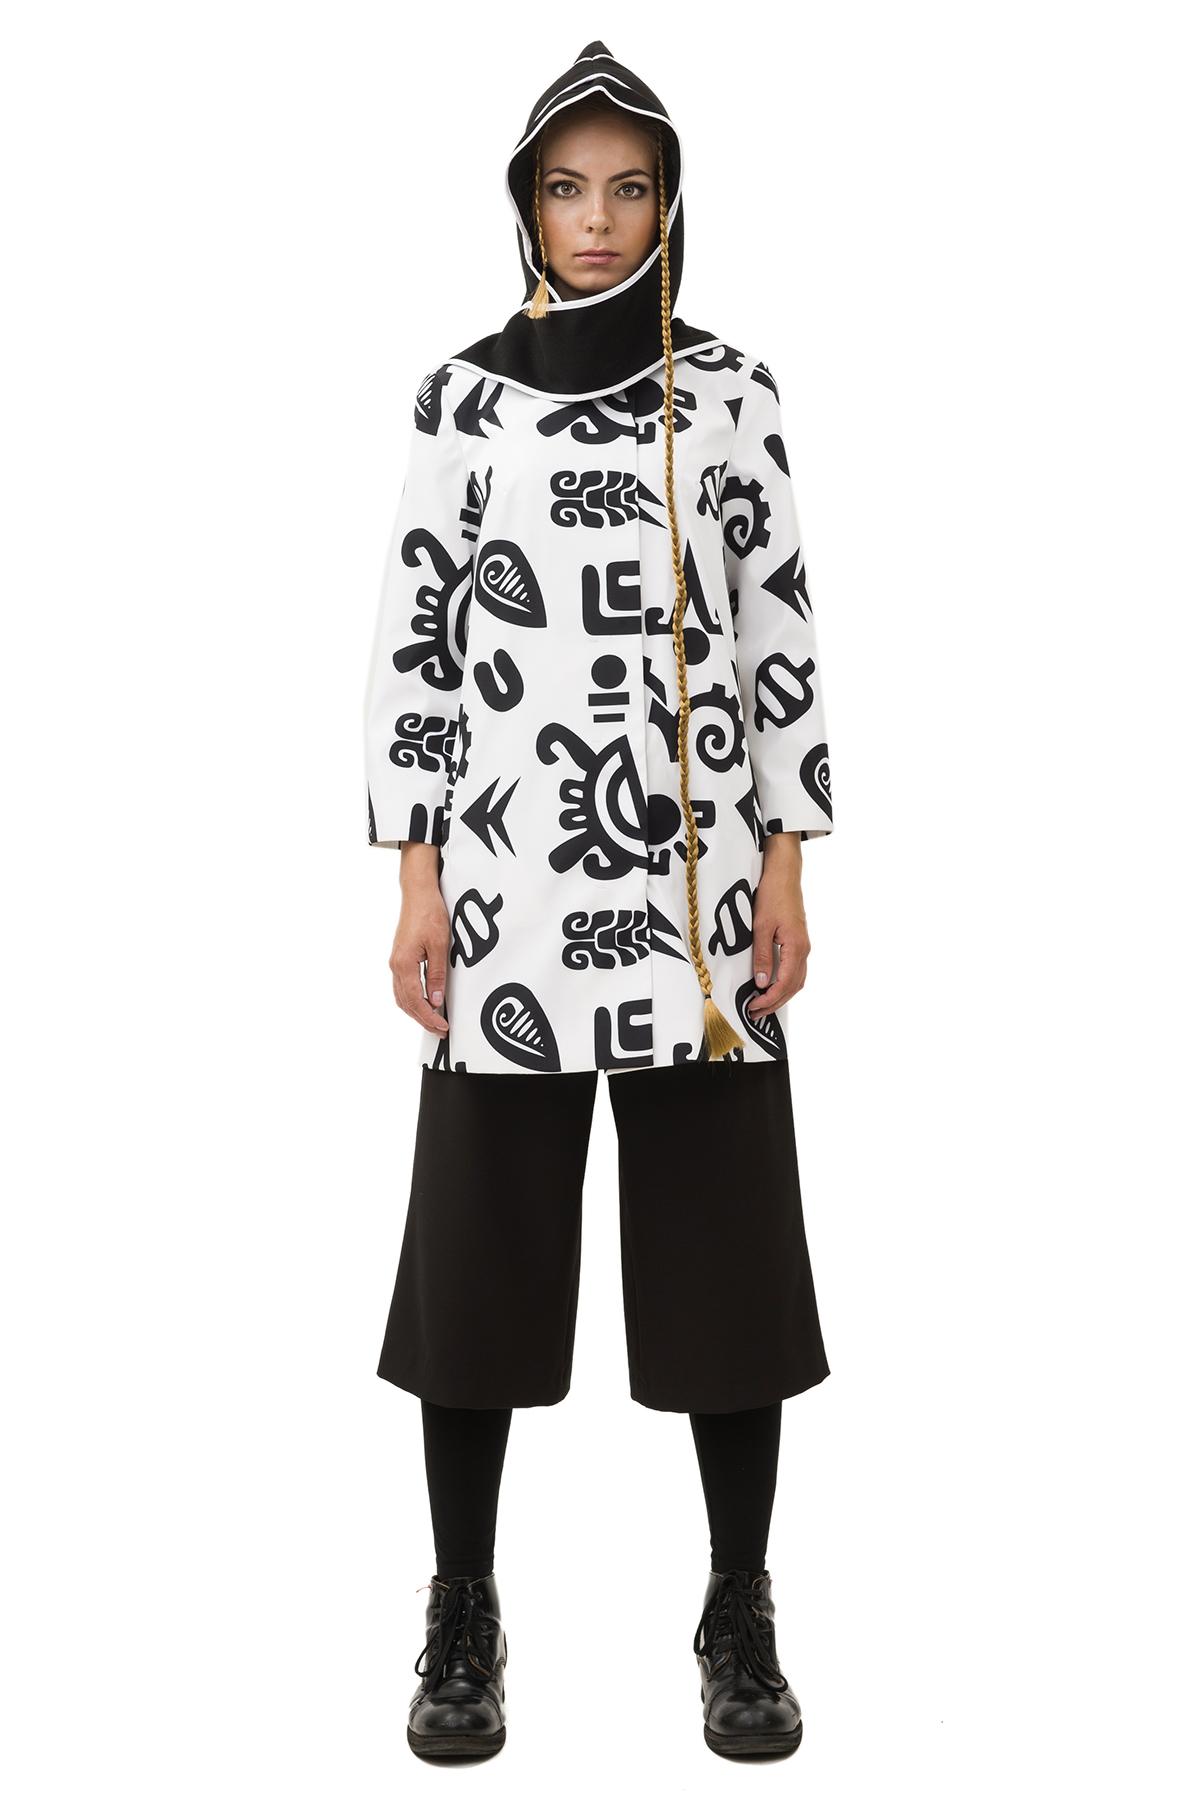 ПлащЖенские куртки, плащи, пальто<br>Женский плащ бренда Pavel Yerokin выполнен из принтованной курточной ткани. Особенности: прямой крой, рукав 3/4, этнический принт.<br><br>Цвет: белый,черный<br>Состав: Полиэстер - 100% подкладка: Вискоза - 50%, Полиэстер - 50%<br>Размер: 40,42,44,46,48,50<br>Страна дизайна: Россия<br>Страна производства: Россия